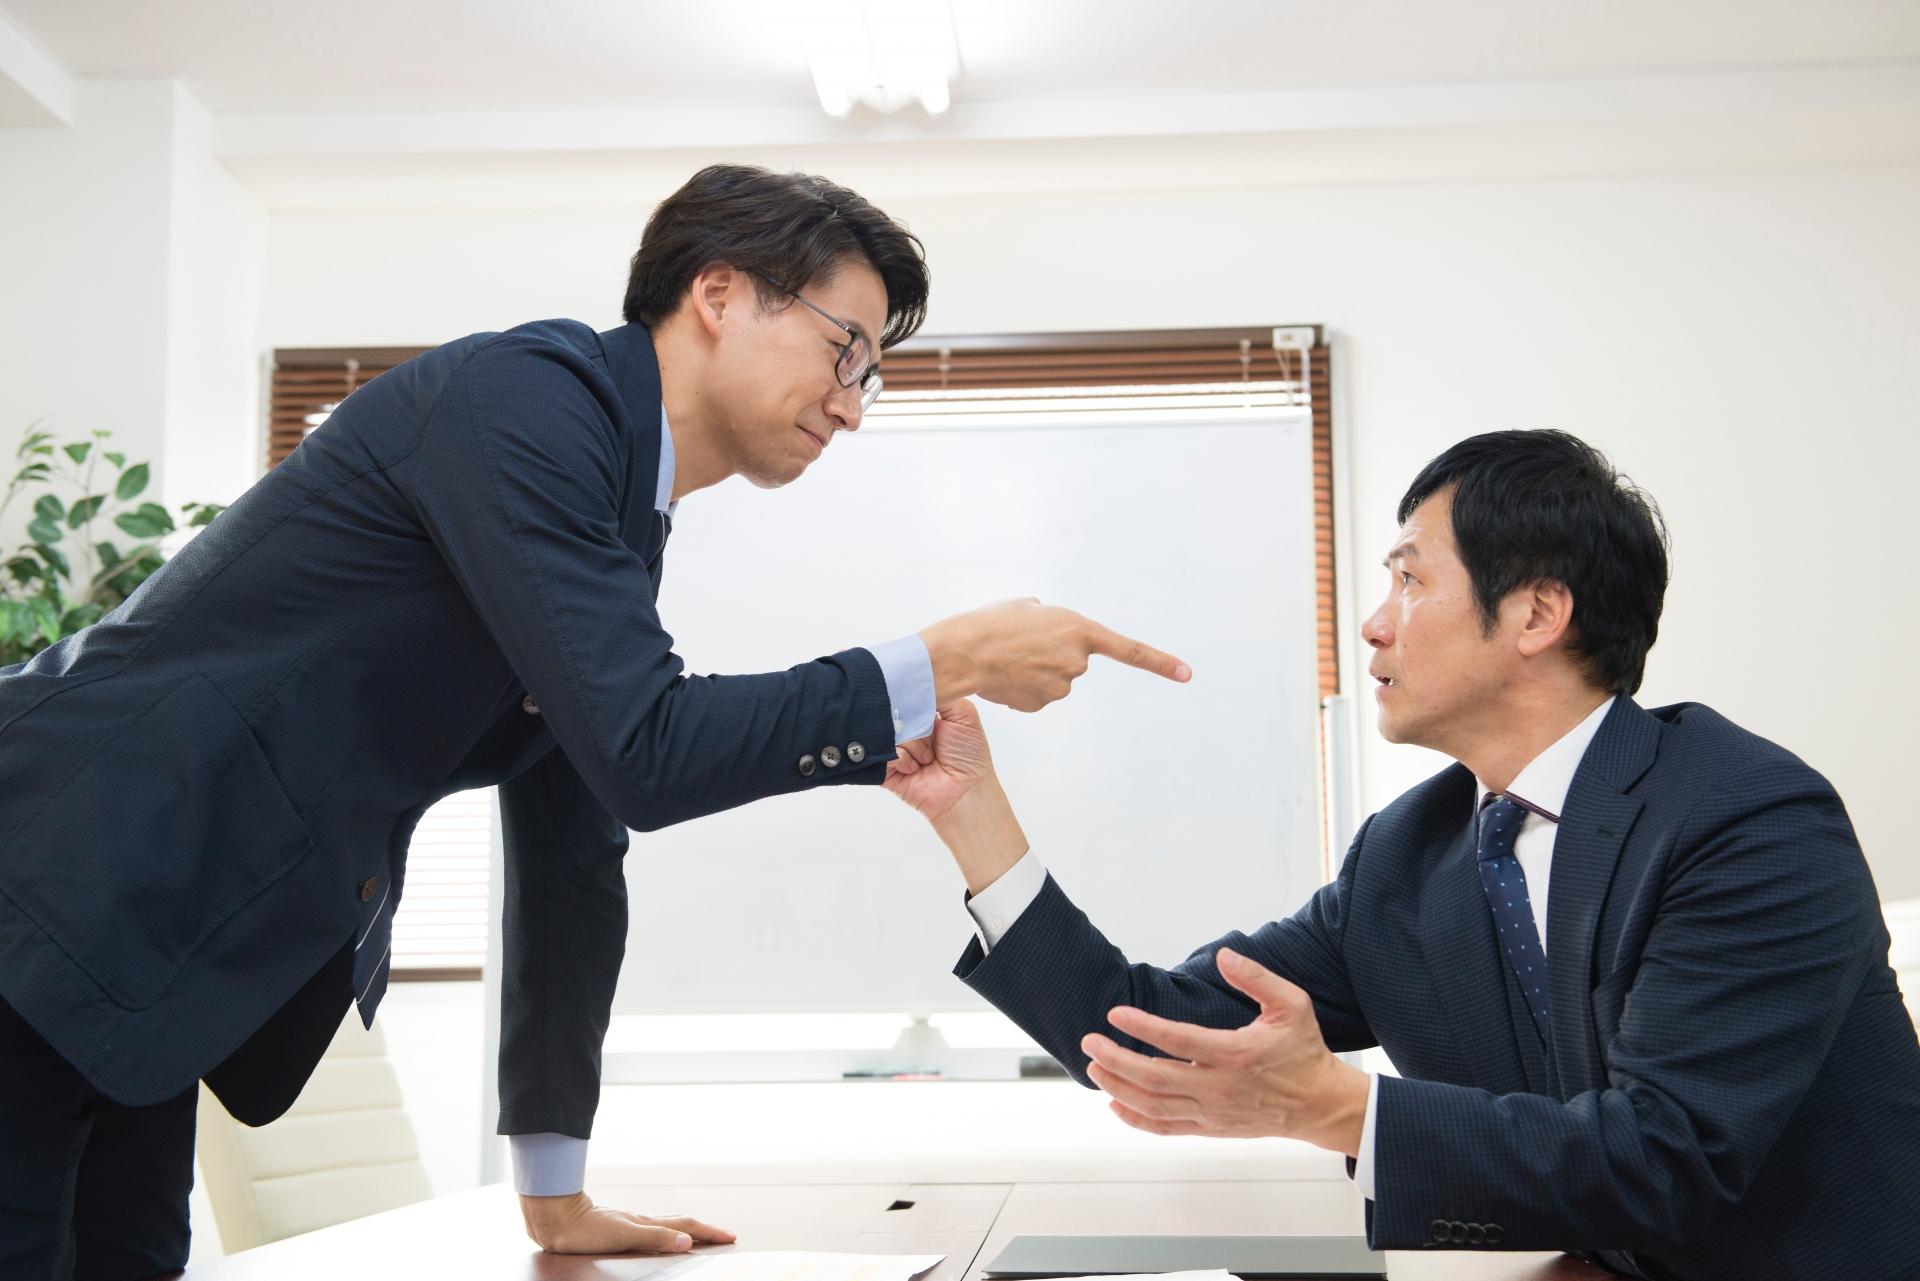 上司との喧嘩【仲直り】は部下から言うもの。大人の階段を上ろう